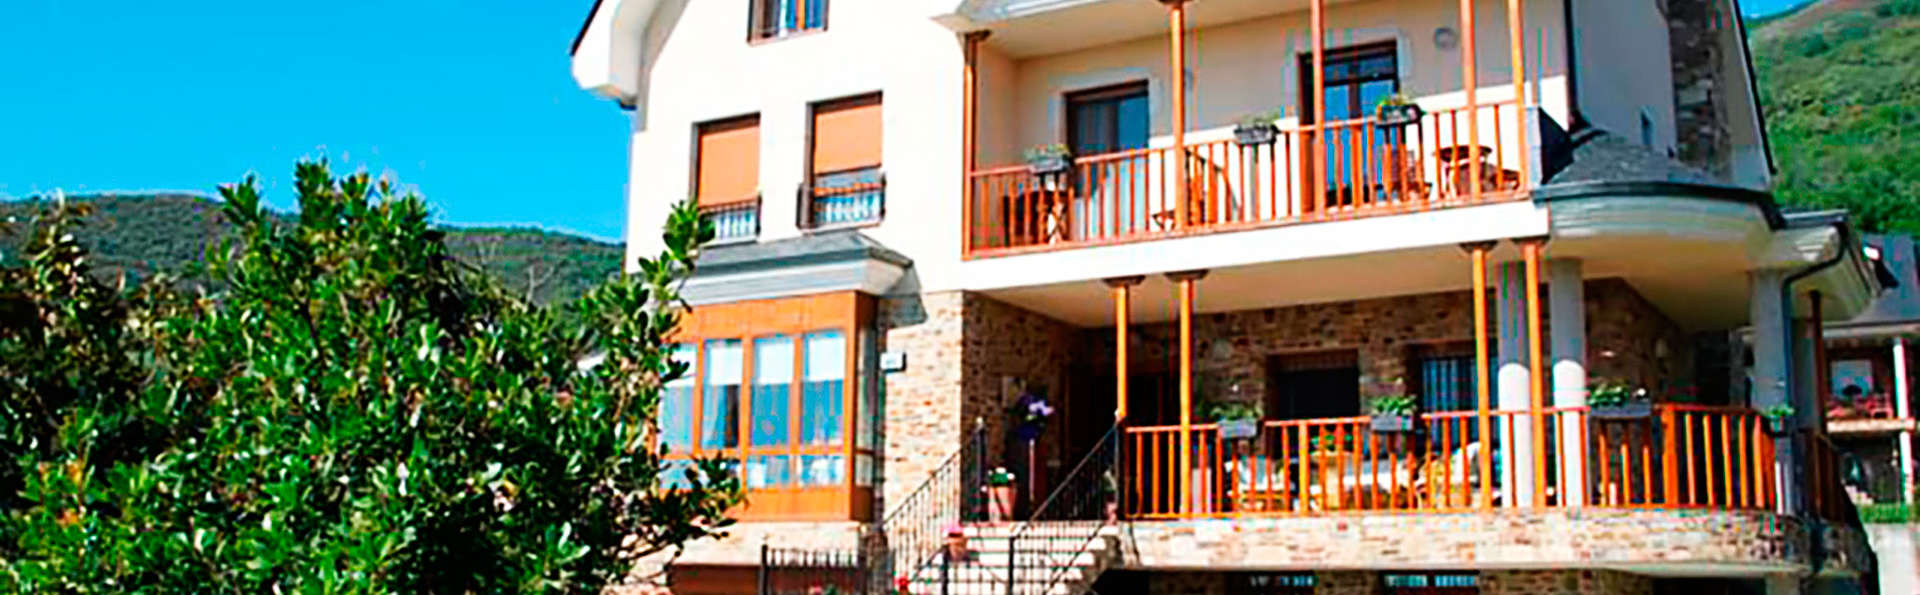 Hotel Rural Villa Mencía - EDIT_front1.jpg